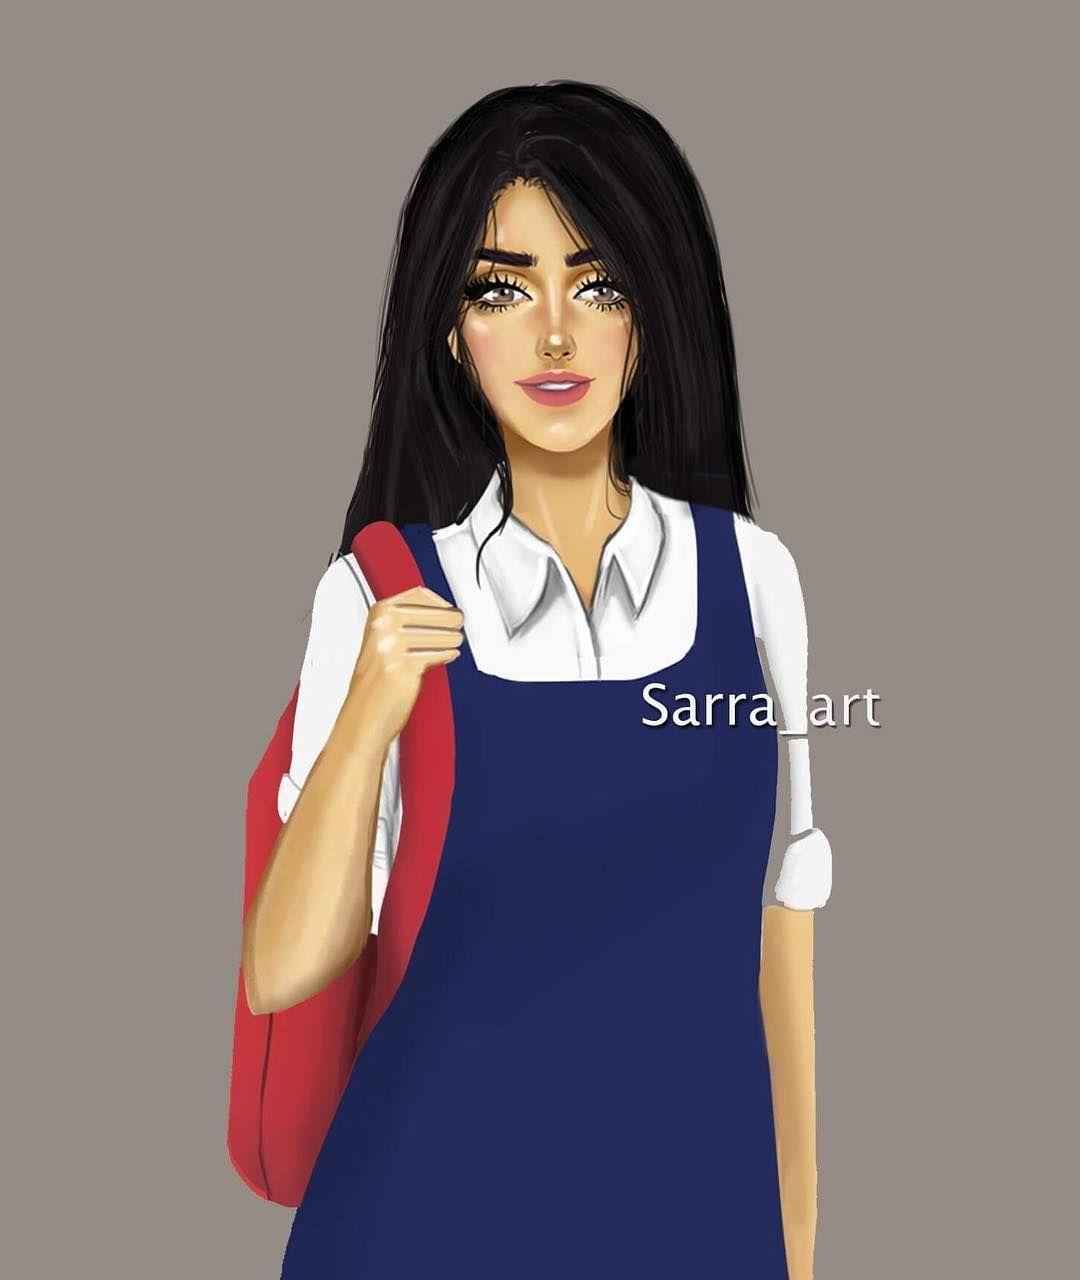 302 Likes 32 Comments Sara Ahmed Sarra Art On Instagram الحمدلله خلصت المدرسة والجامعه يلا اللي عندها Cute Girl Drawing Lovely Girl Image Sarra Art